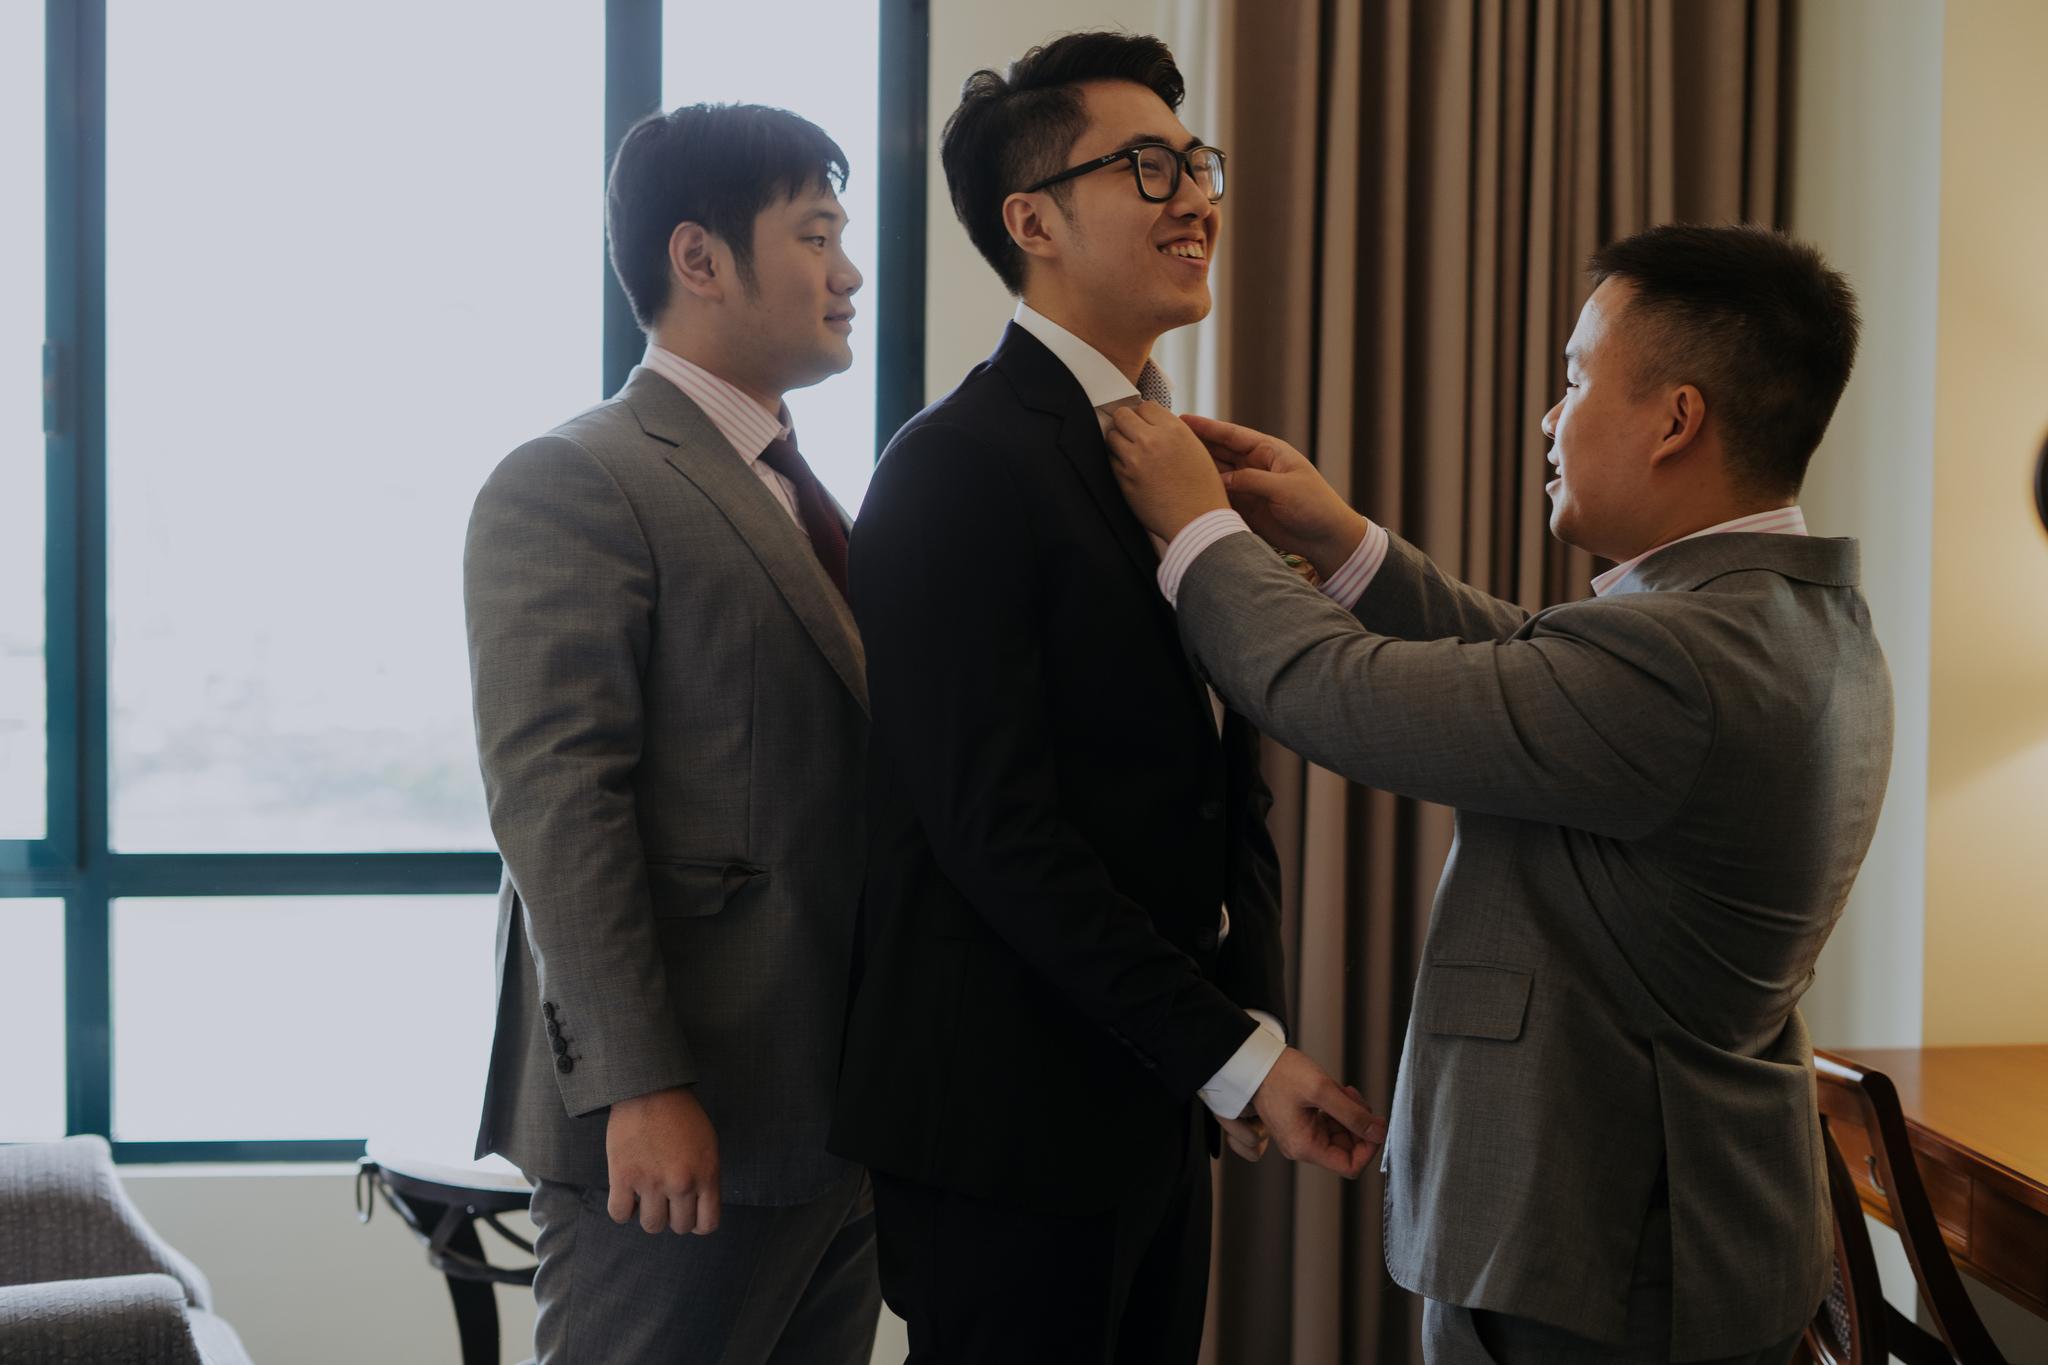 https://huk.s3.amazonaws.com/uploads/image/source/1381/Phuong-Diep-HN-Ceremony-1-0139.JPG